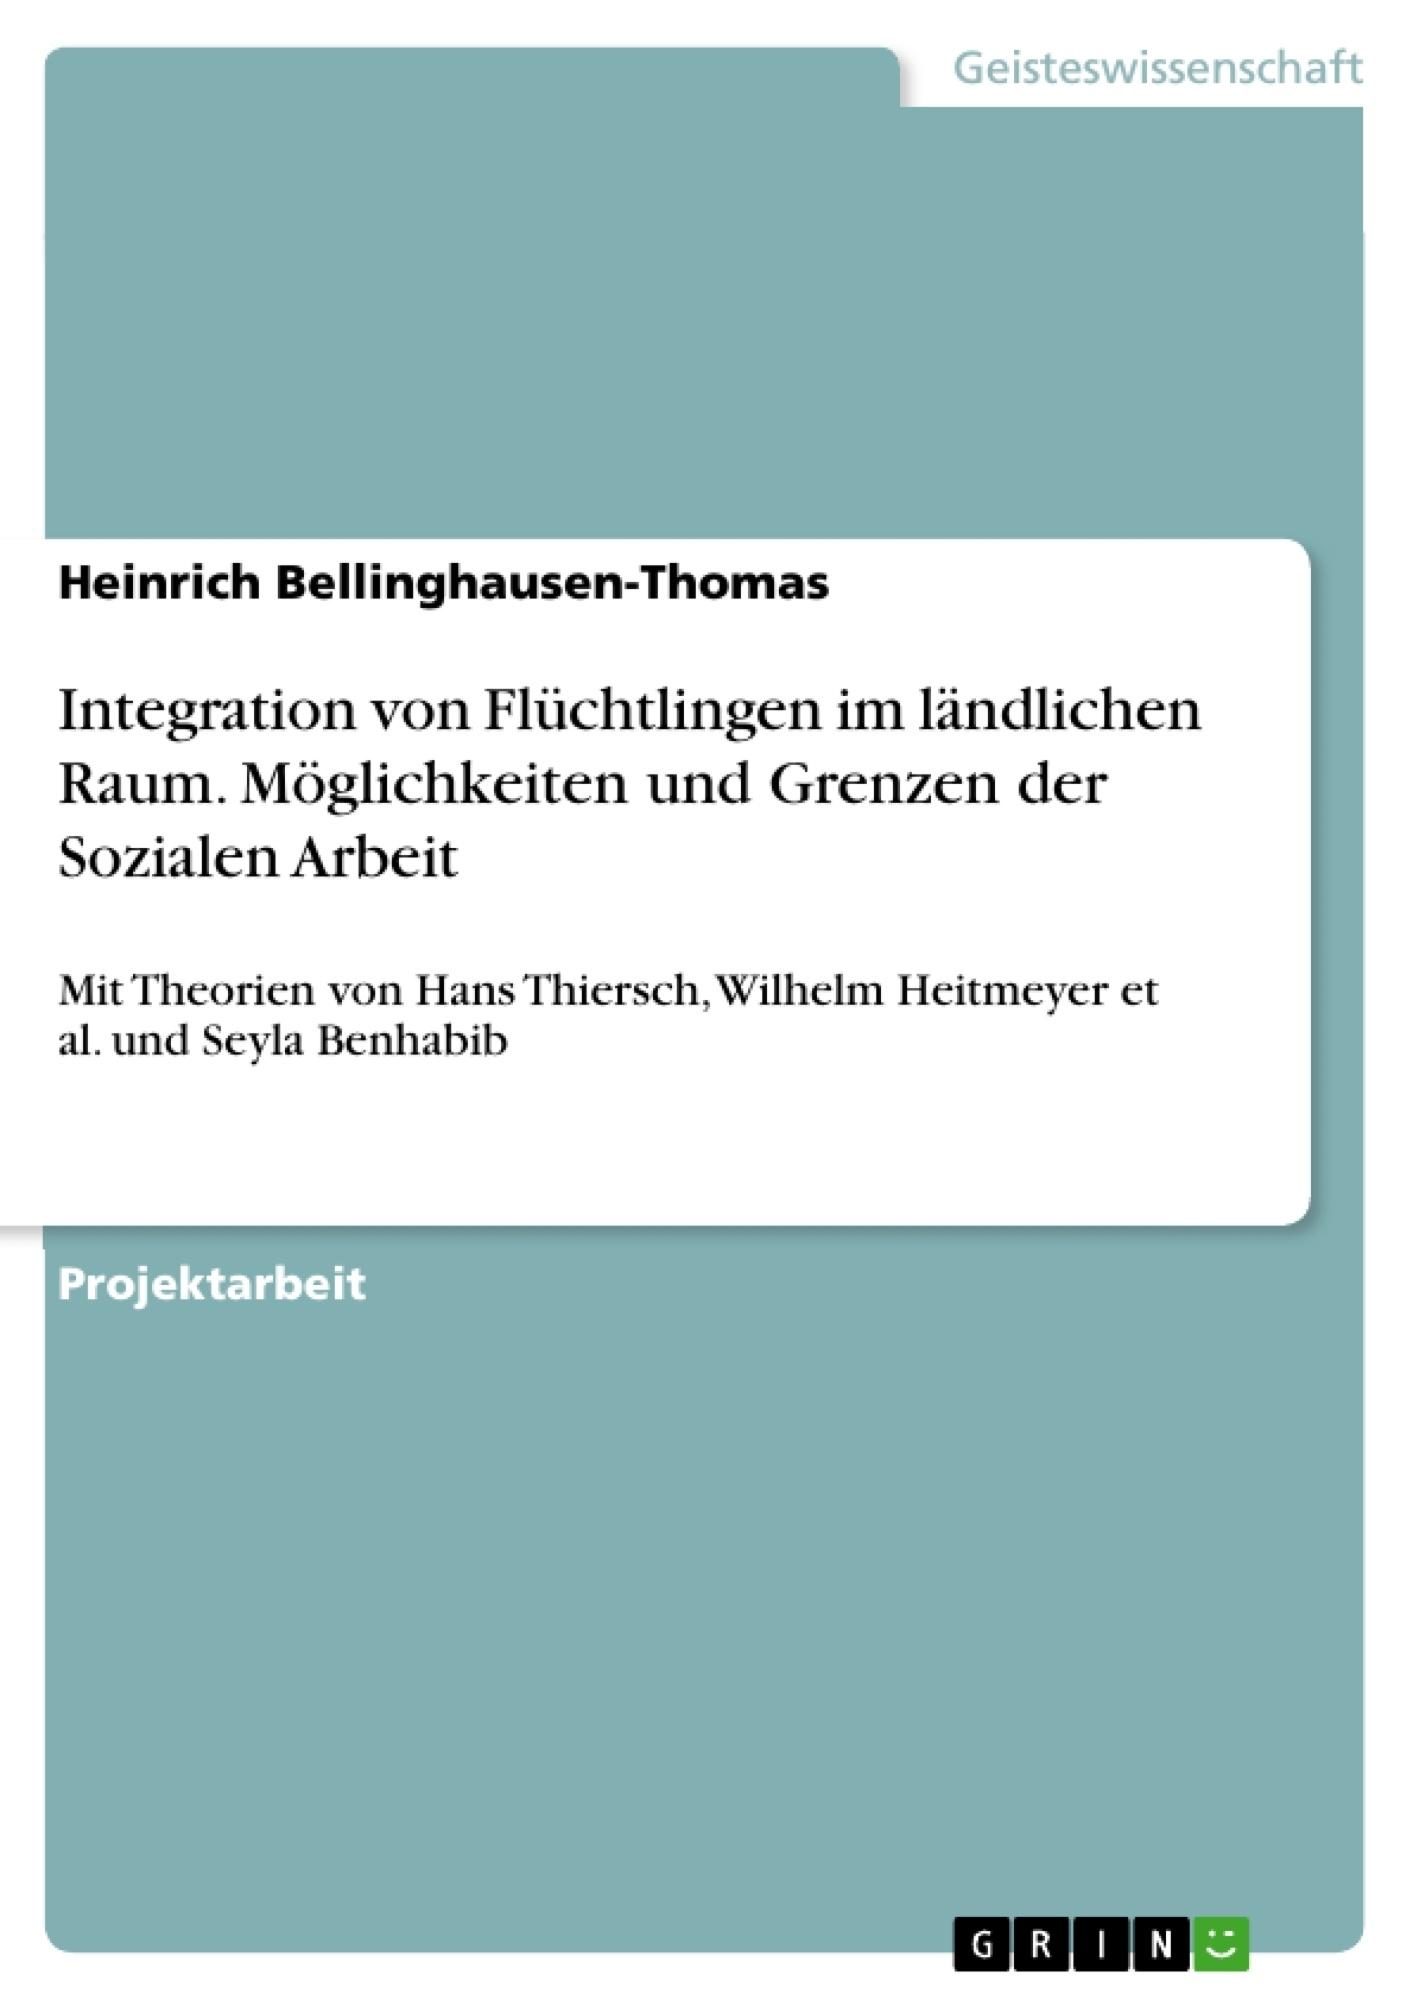 Titel: Integration von Flüchtlingen im ländlichen Raum. Möglichkeiten und Grenzen der Sozialen Arbeit